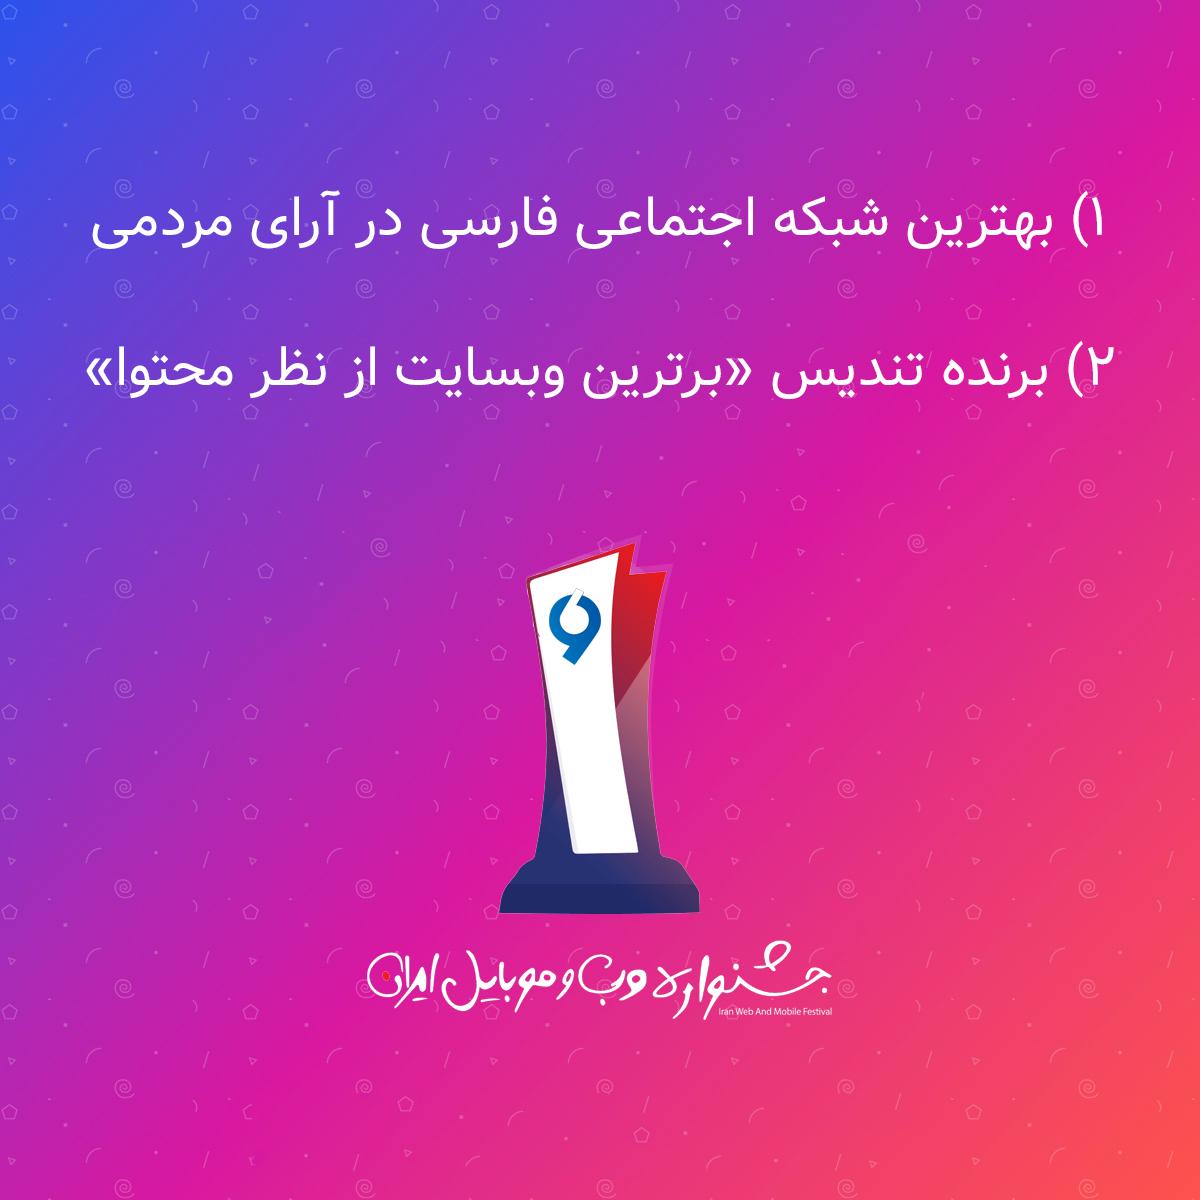 انتخاب ویرگول در ۲ بخش در دهمین جشنواره وب و موبایل ایران